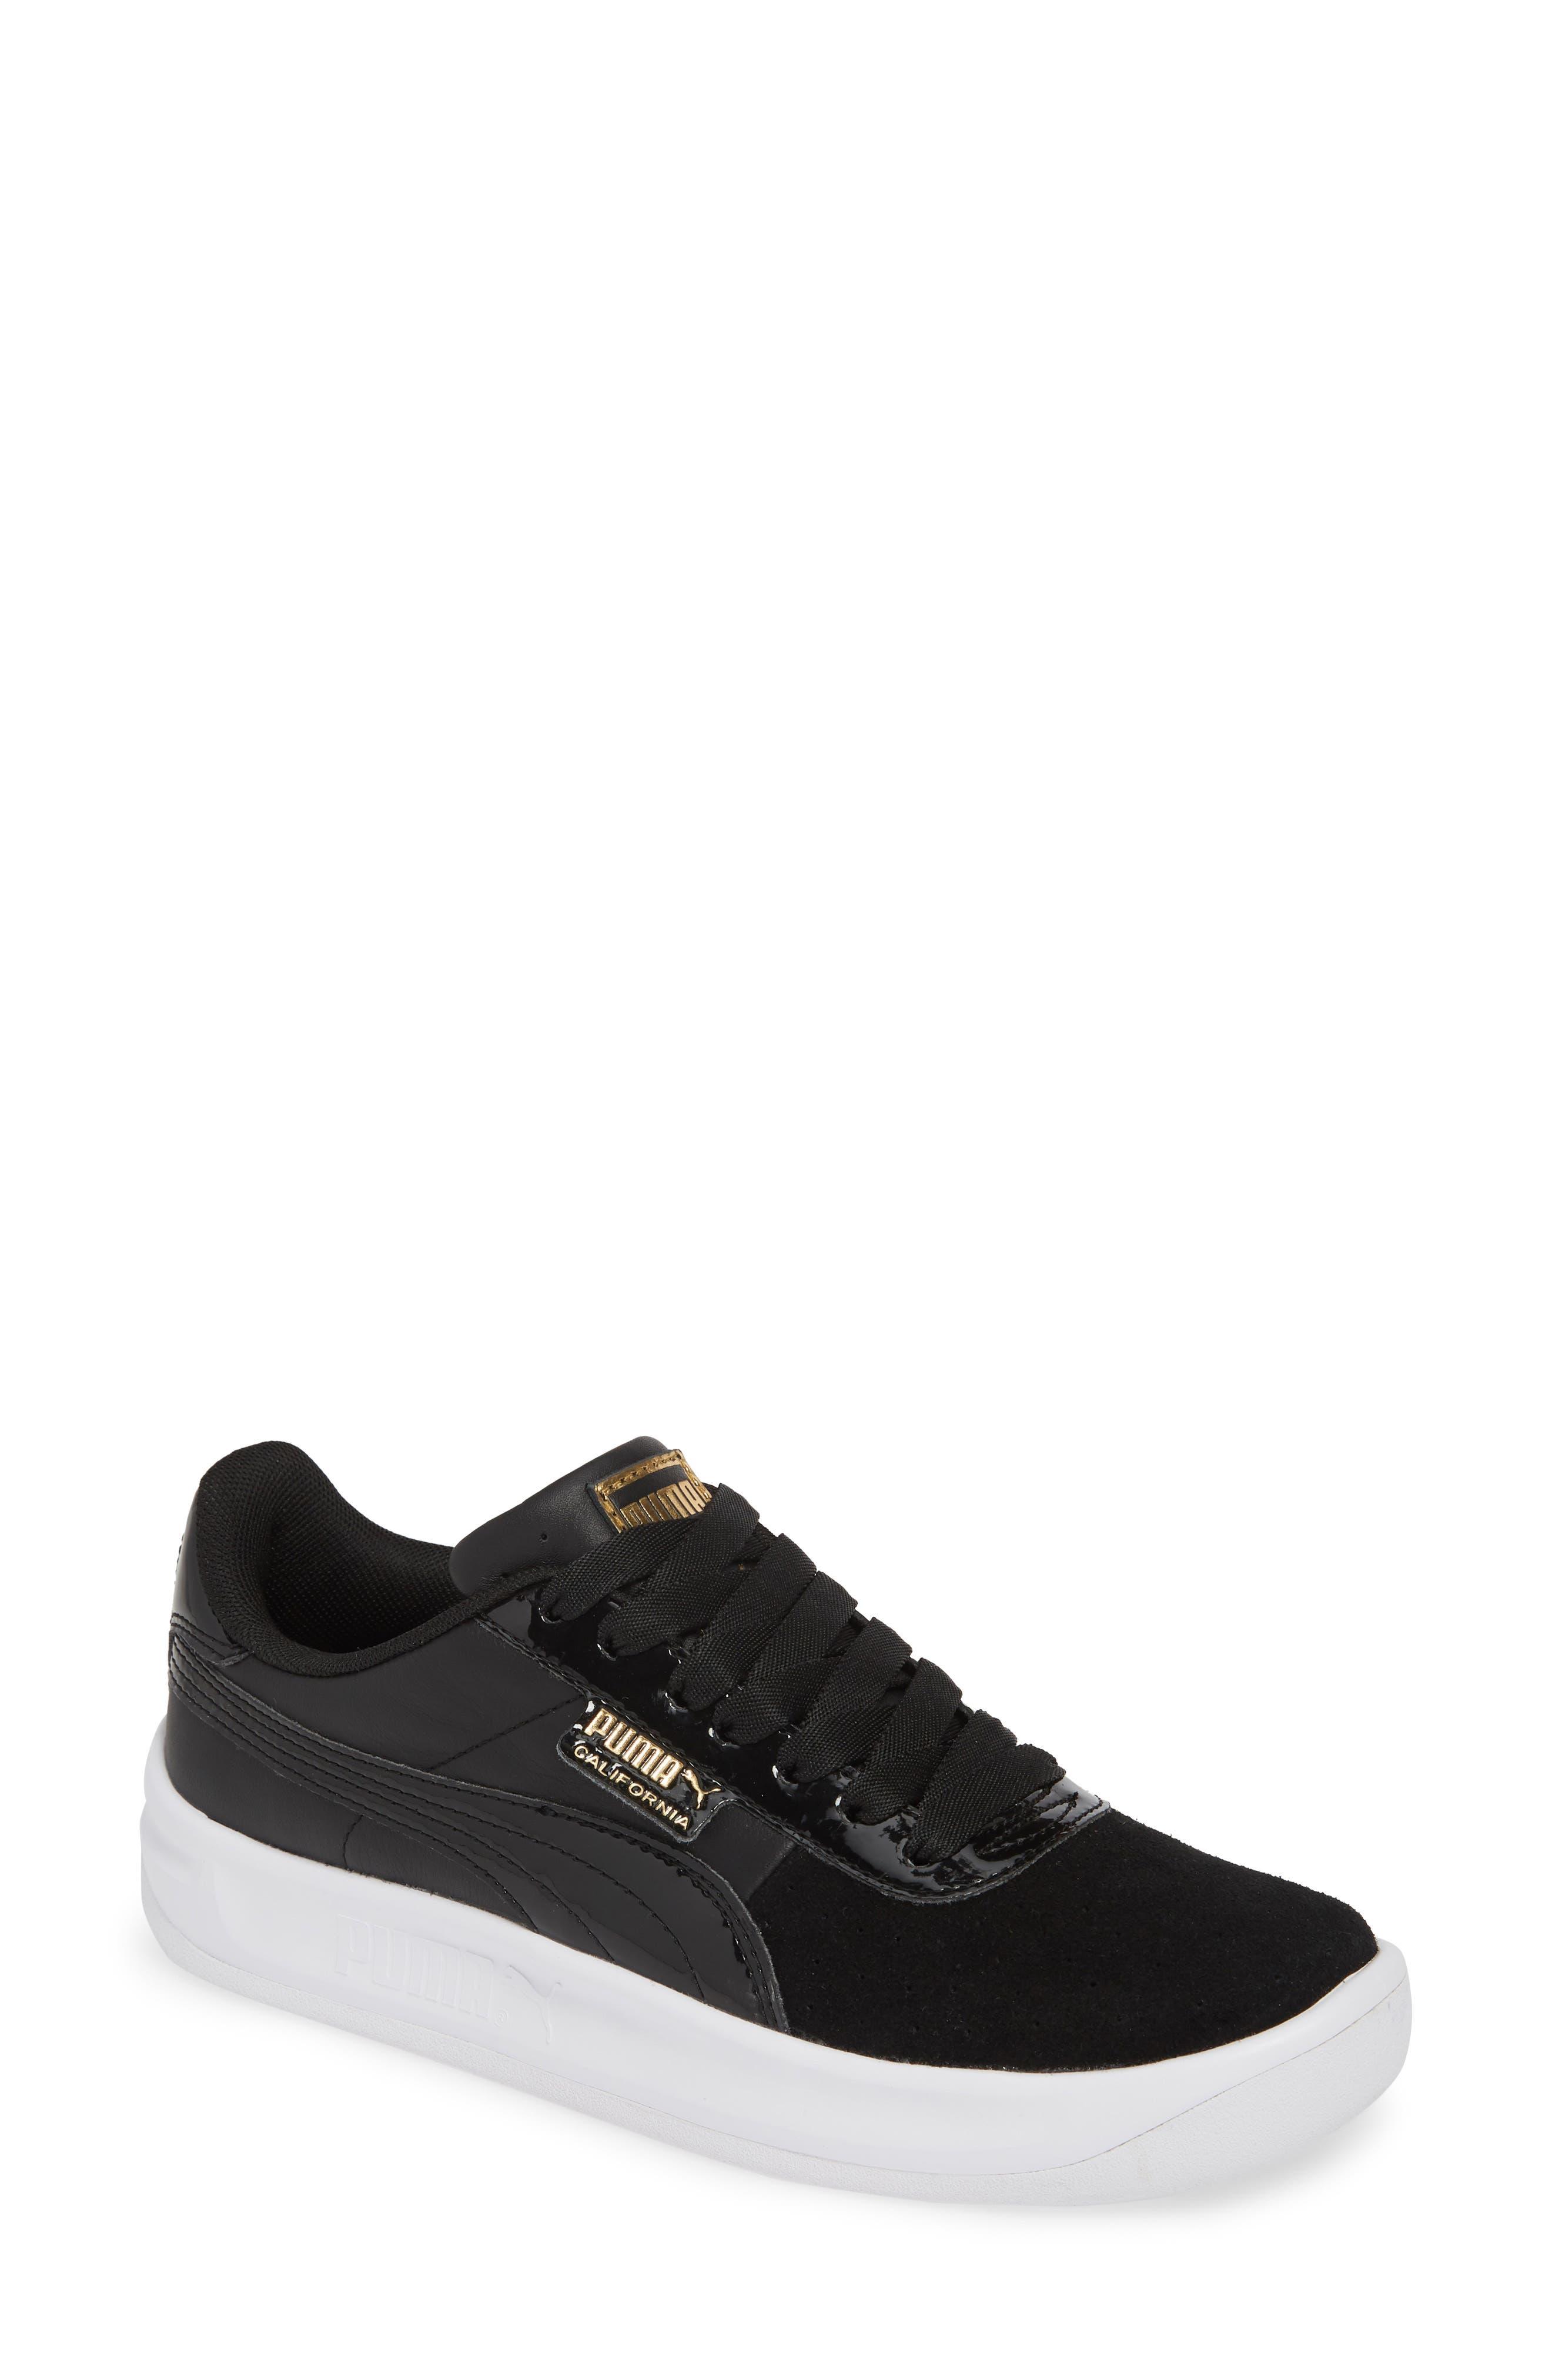 7b2c0694567e1d Puma California Sneaker